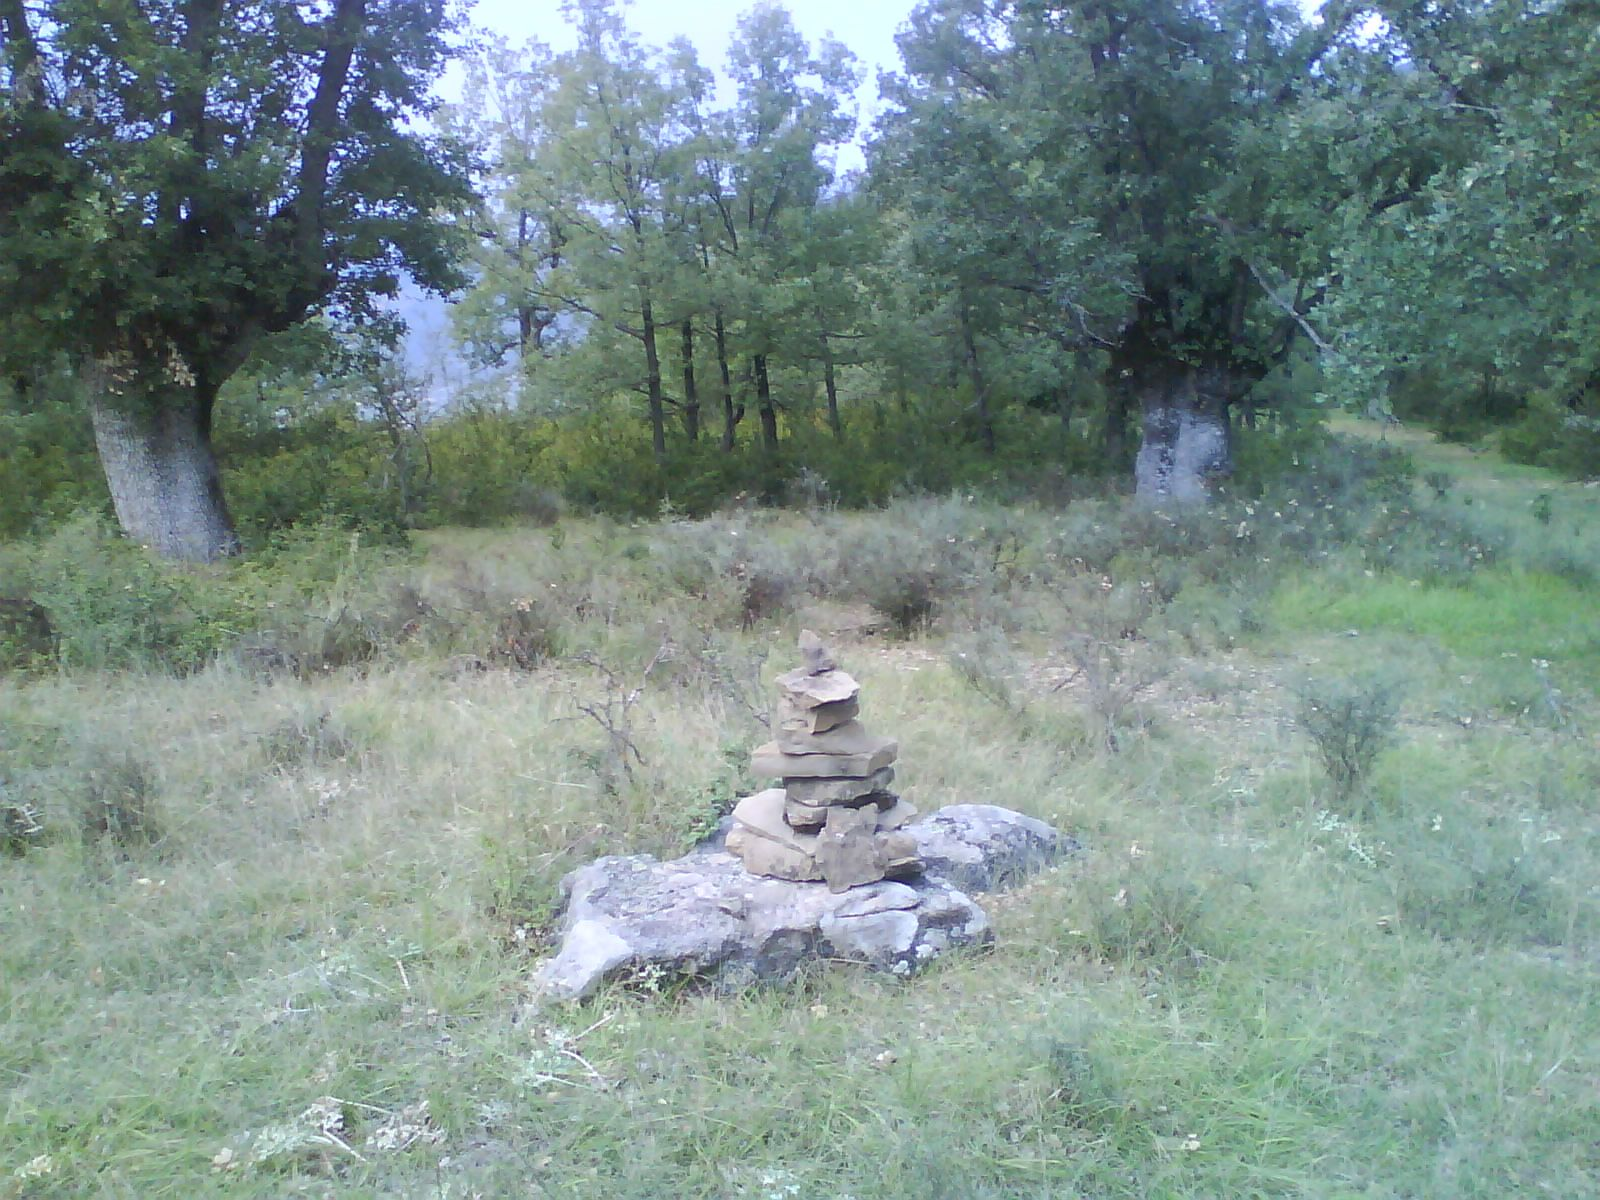 Peyrón de piedras sobre una piedra tumbada (menhir) en el caxicar de Javierre del Obispo